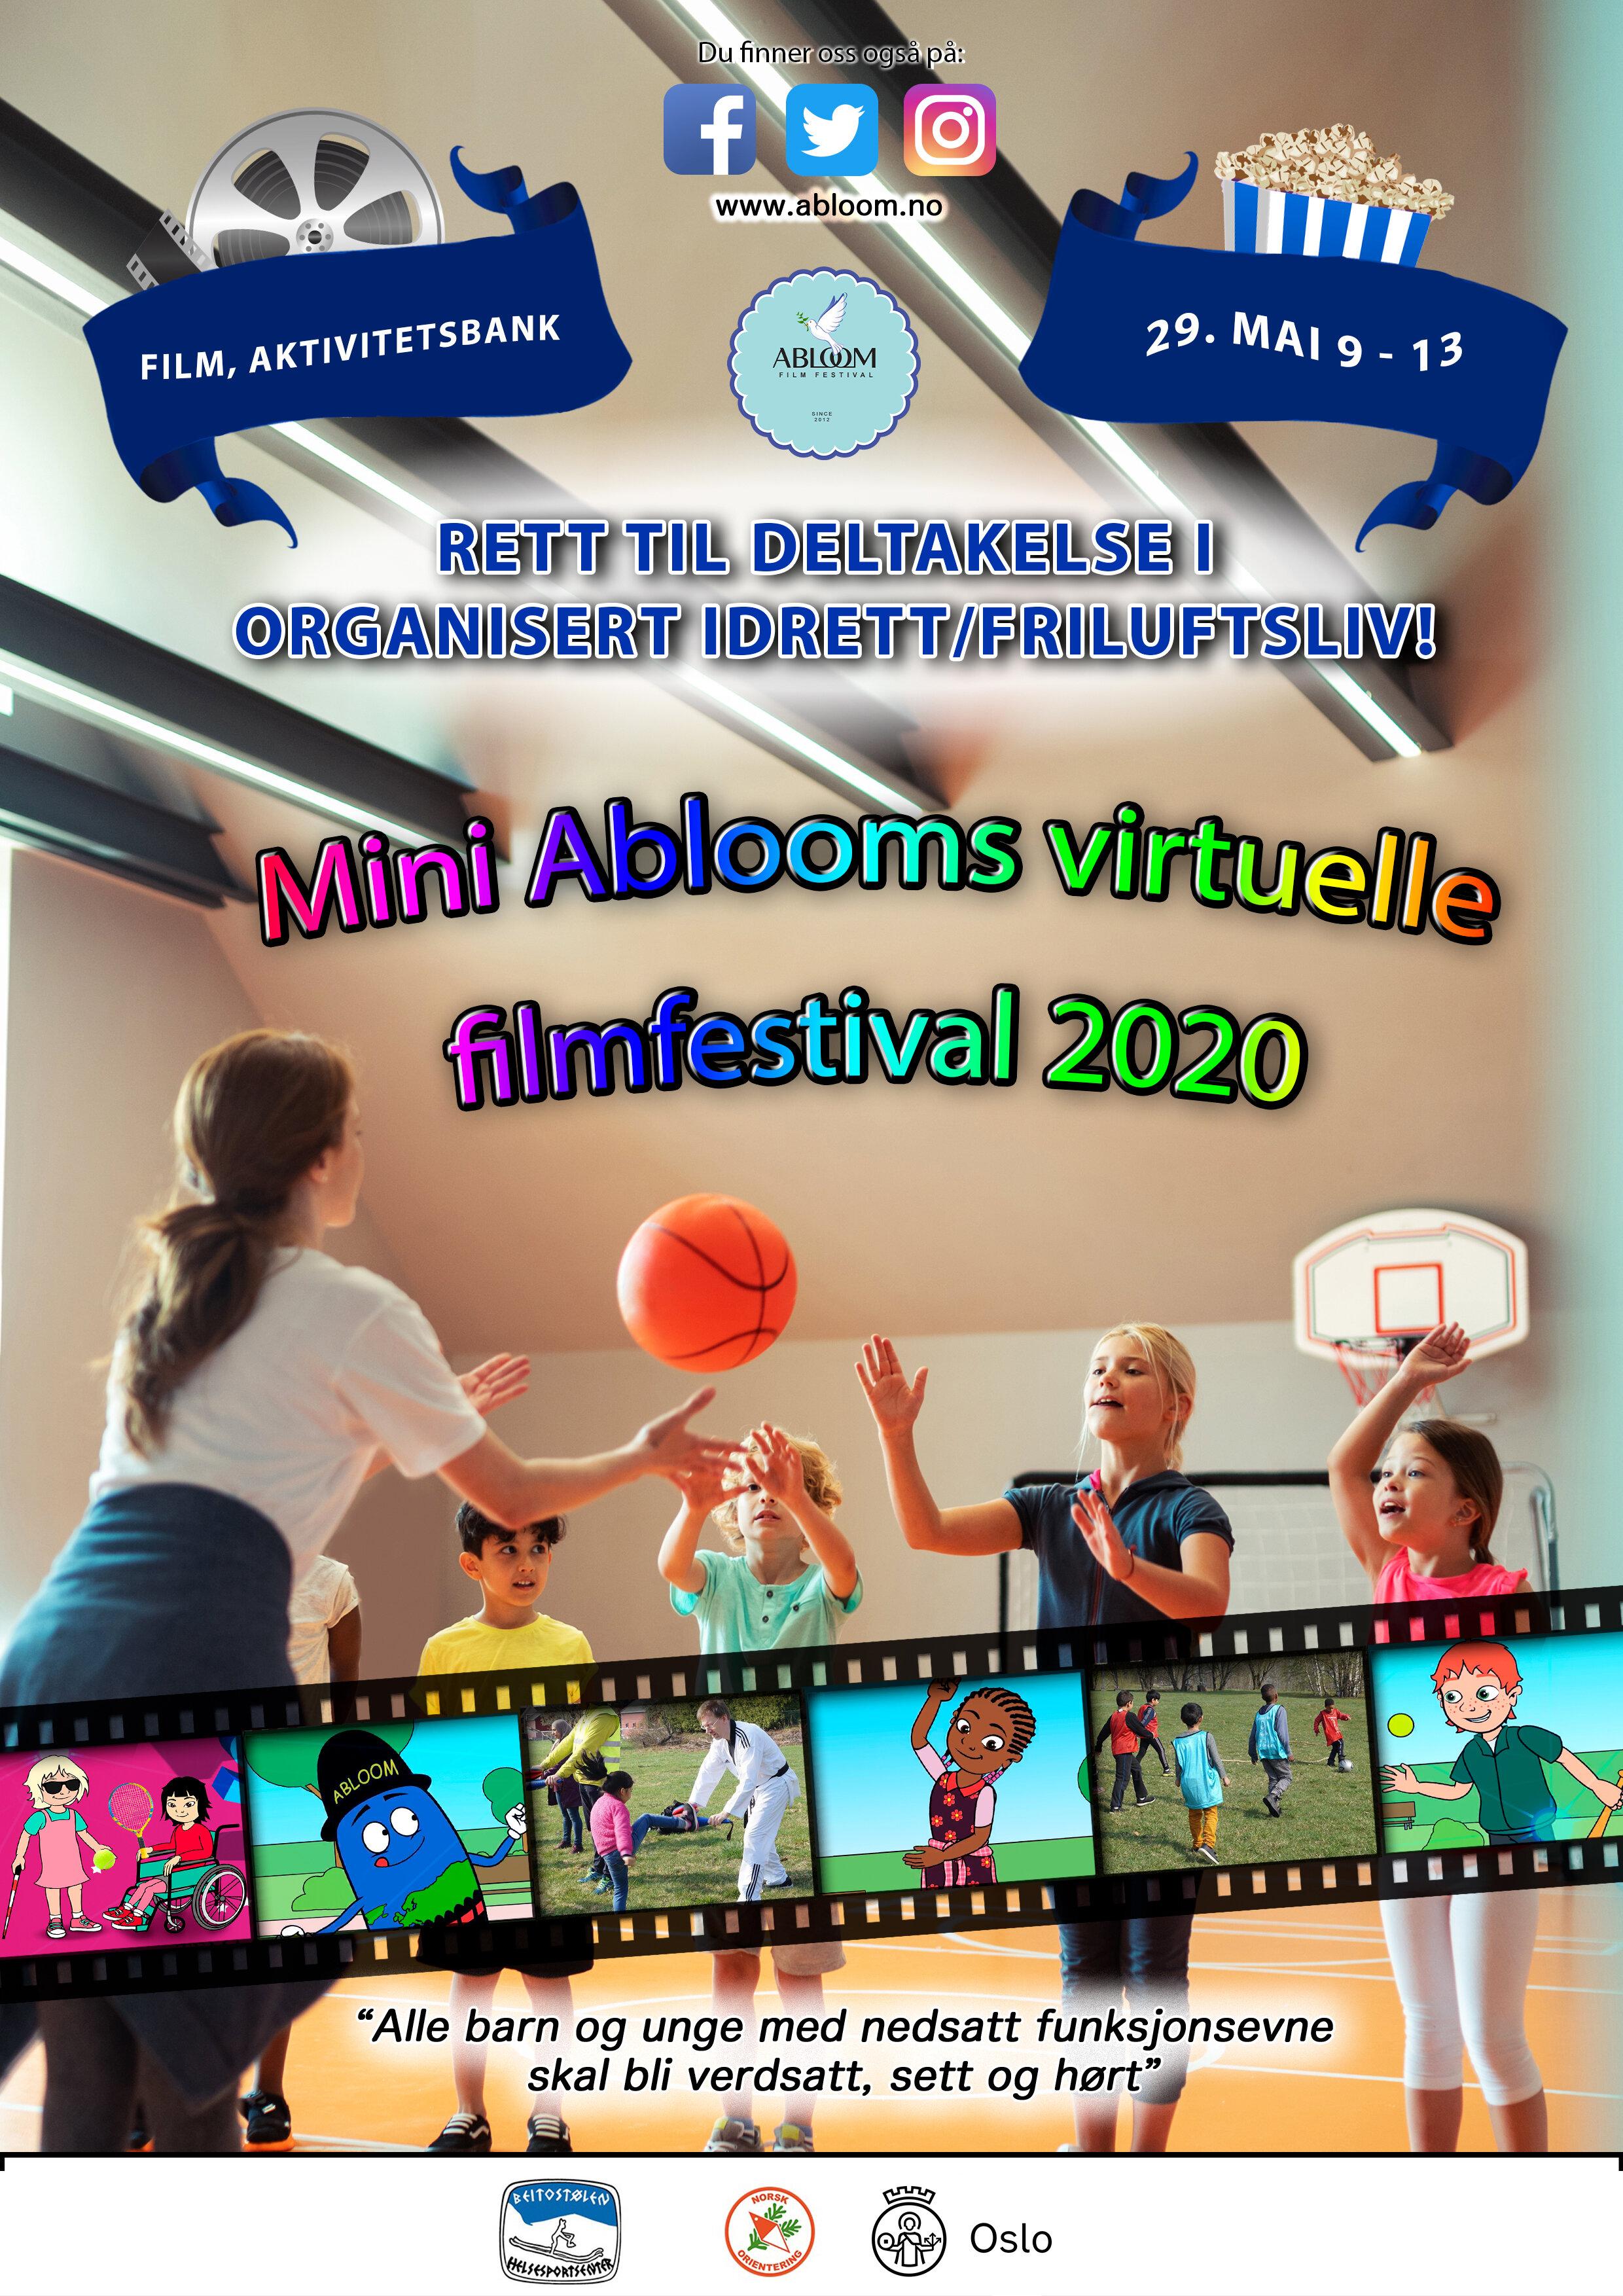 #MiniAbloom 2020 virtuelle filmfestival 2020!